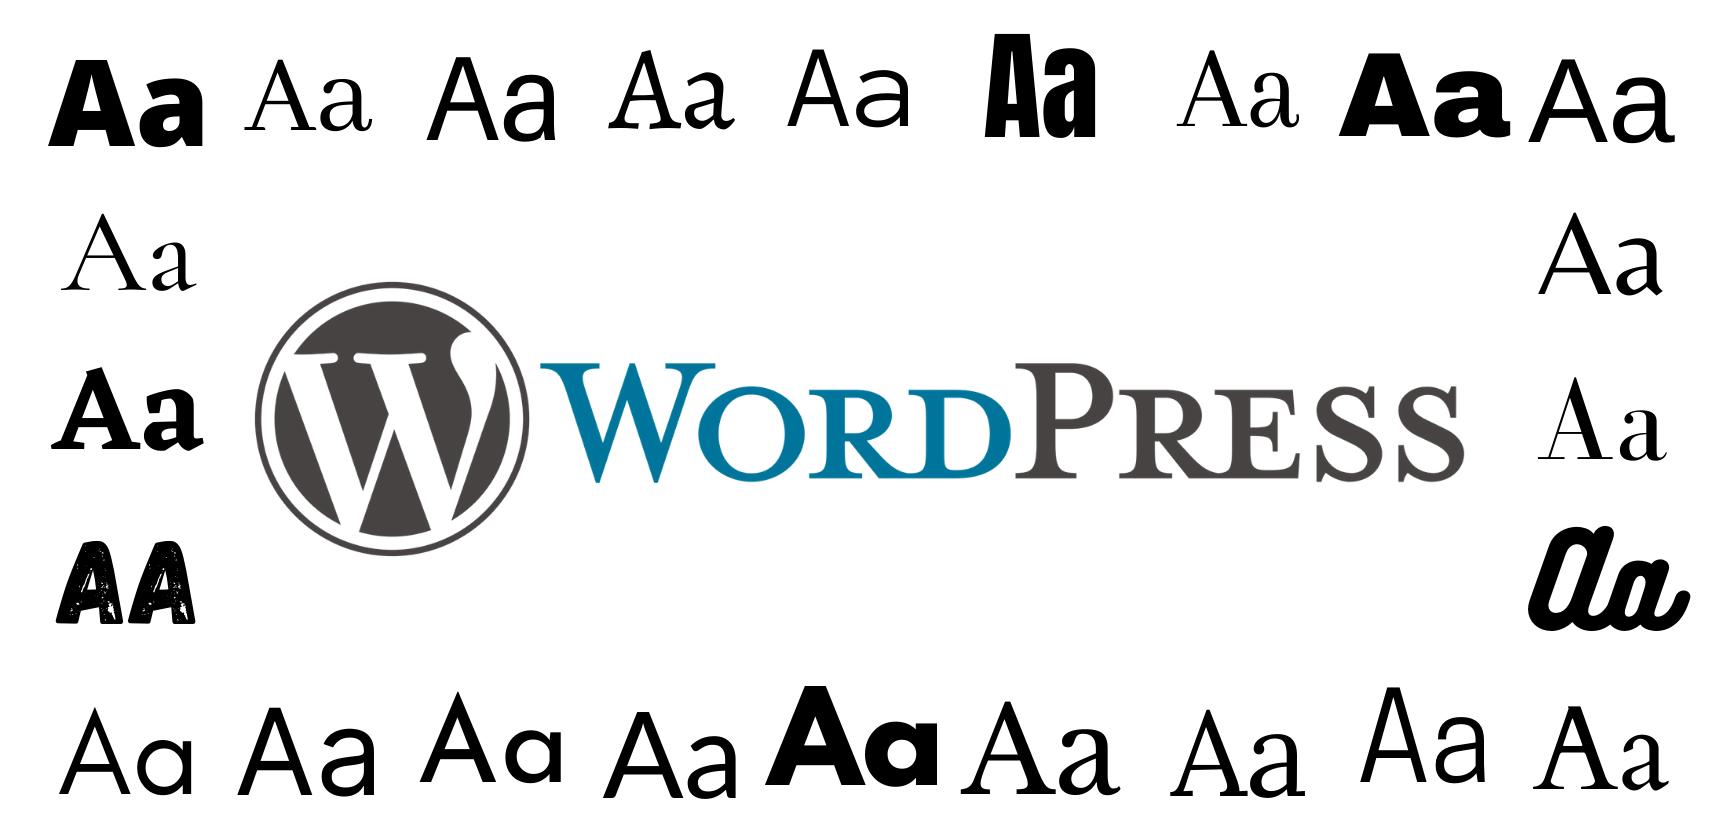 Change Font in WordPress